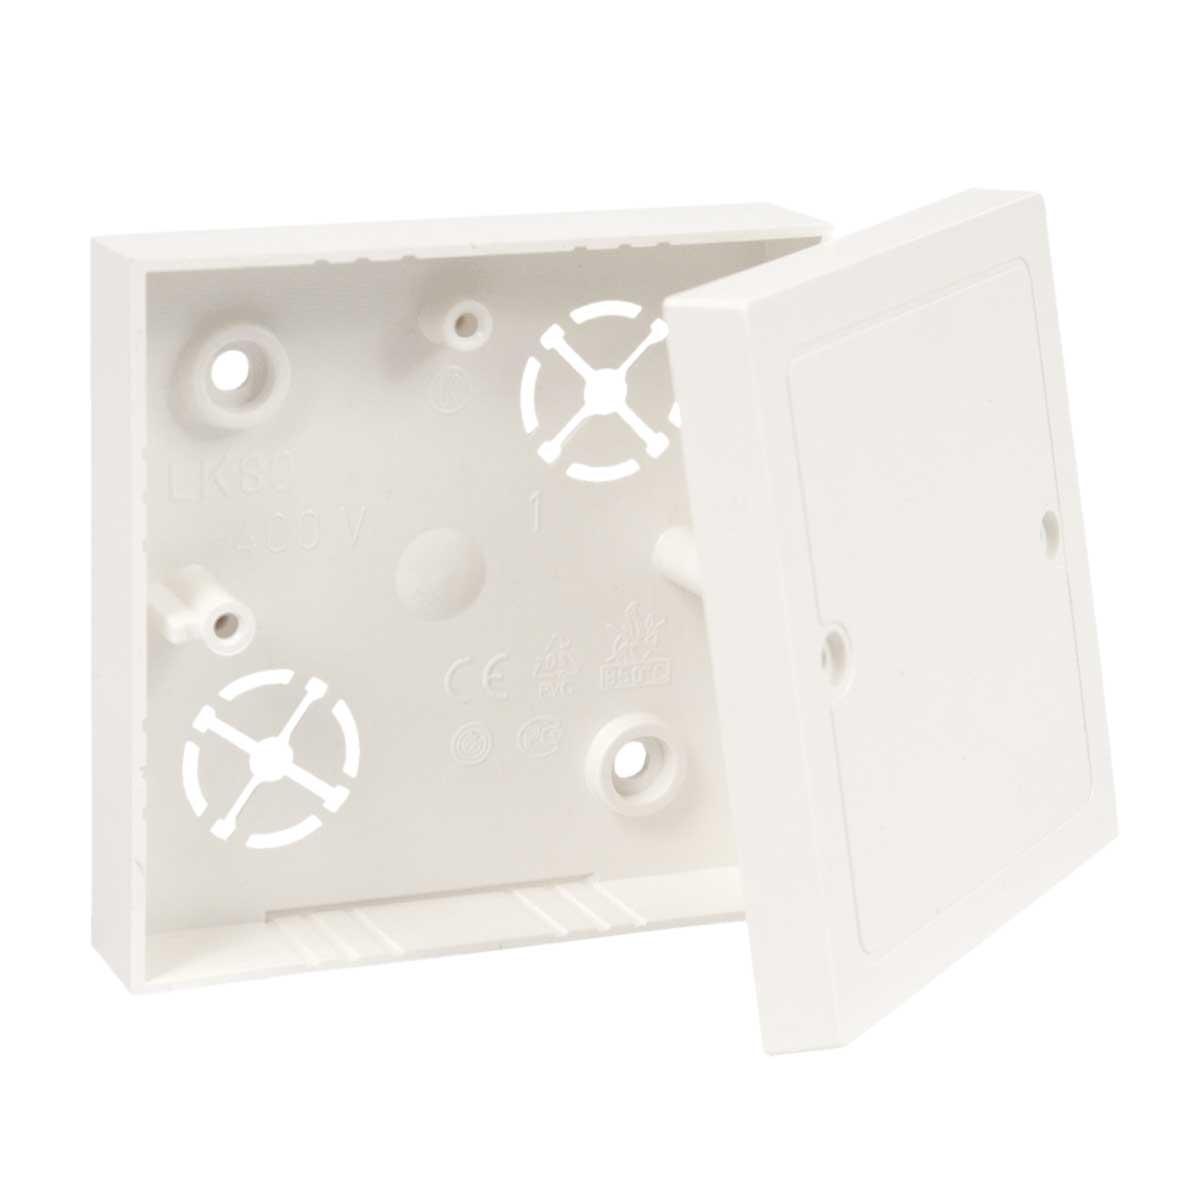 Коробка приладова з кришкою ПВХ; розміри 82х82х16мм